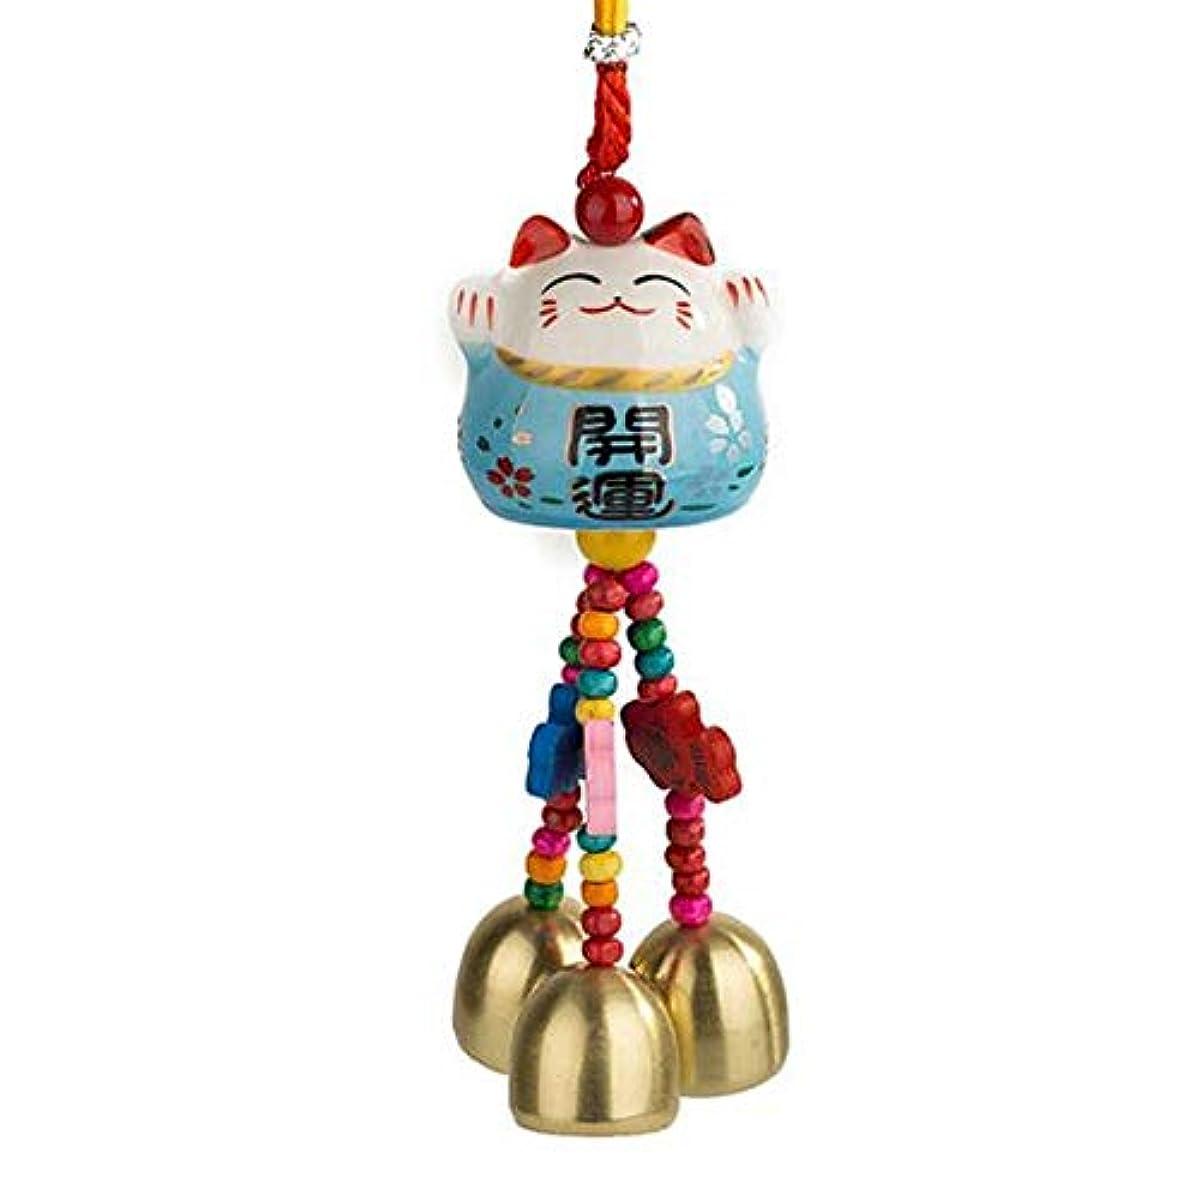 の間でストライド解明するChengjinxiang 風チャイム、かわいいクリエイティブセラミック猫風の鐘、グリーン、長い28センチメートル,クリエイティブギフト (Color : Blue)